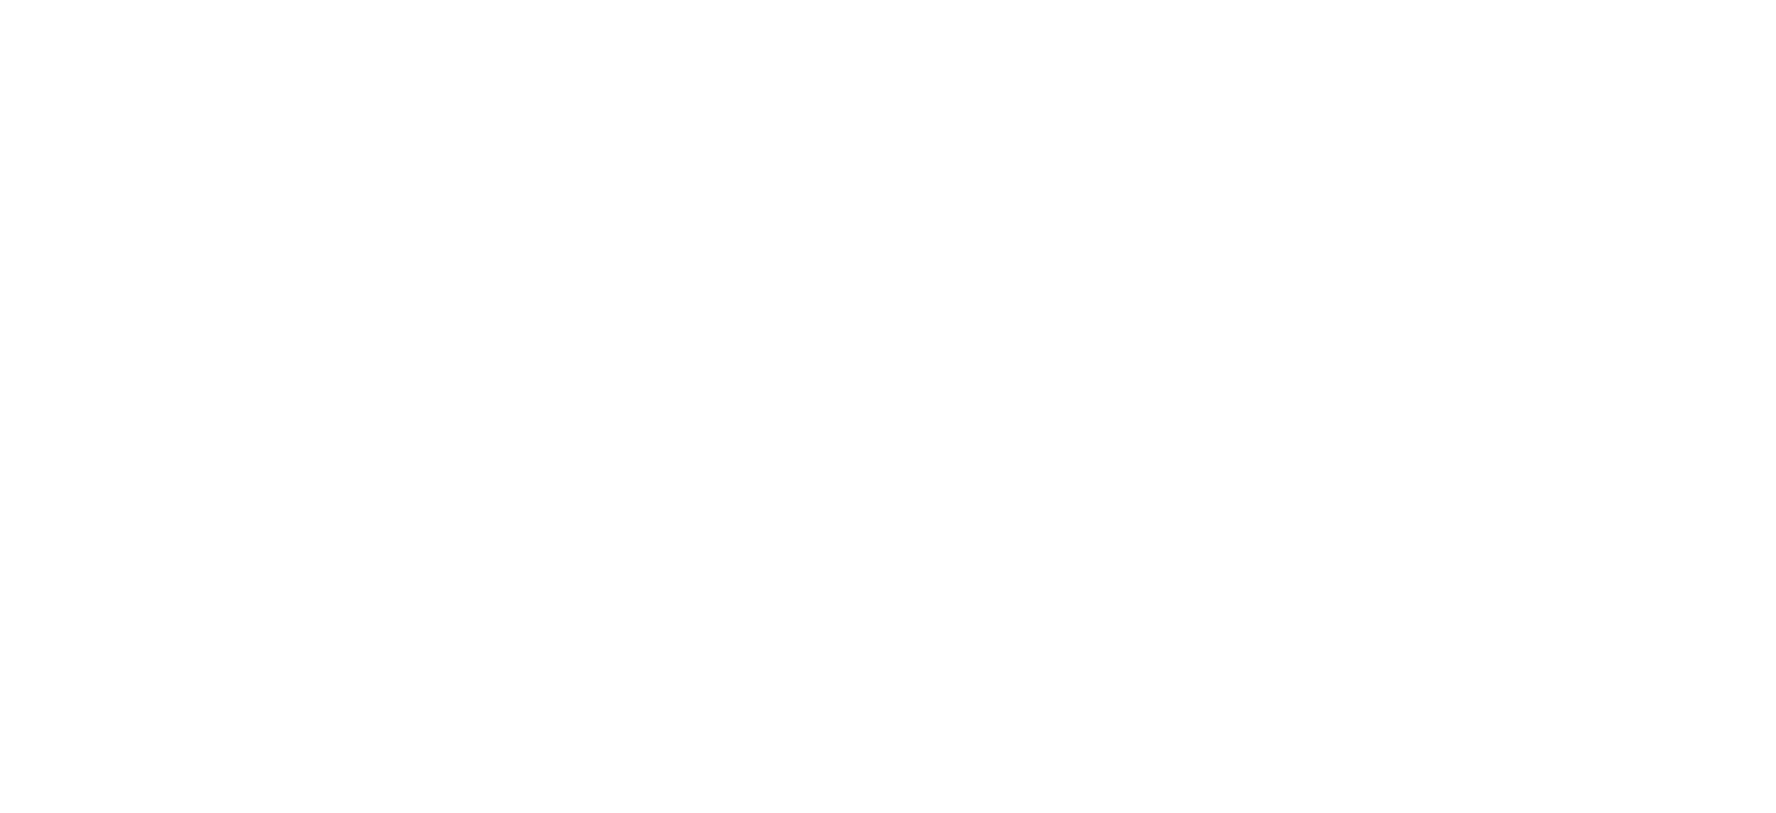 toast.y artisanal eatery & café